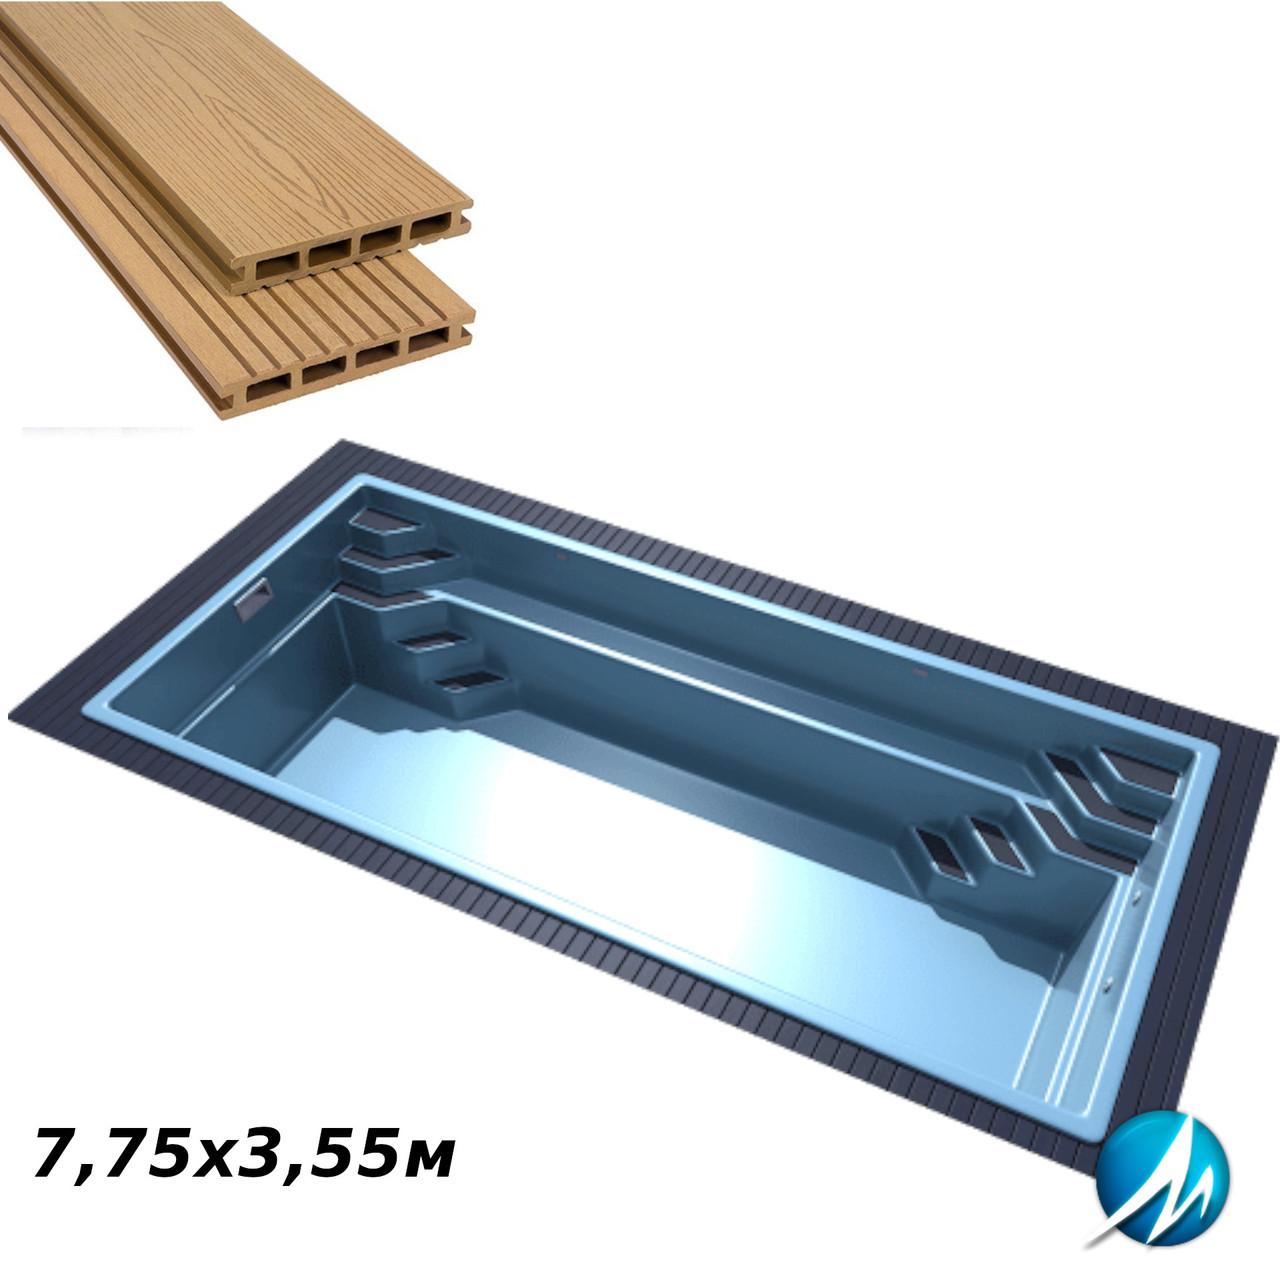 Терасна дошка по периметру басейну доріжки шириною 0,7 м - комплект для скловолоконного басейну 7,75х3,55